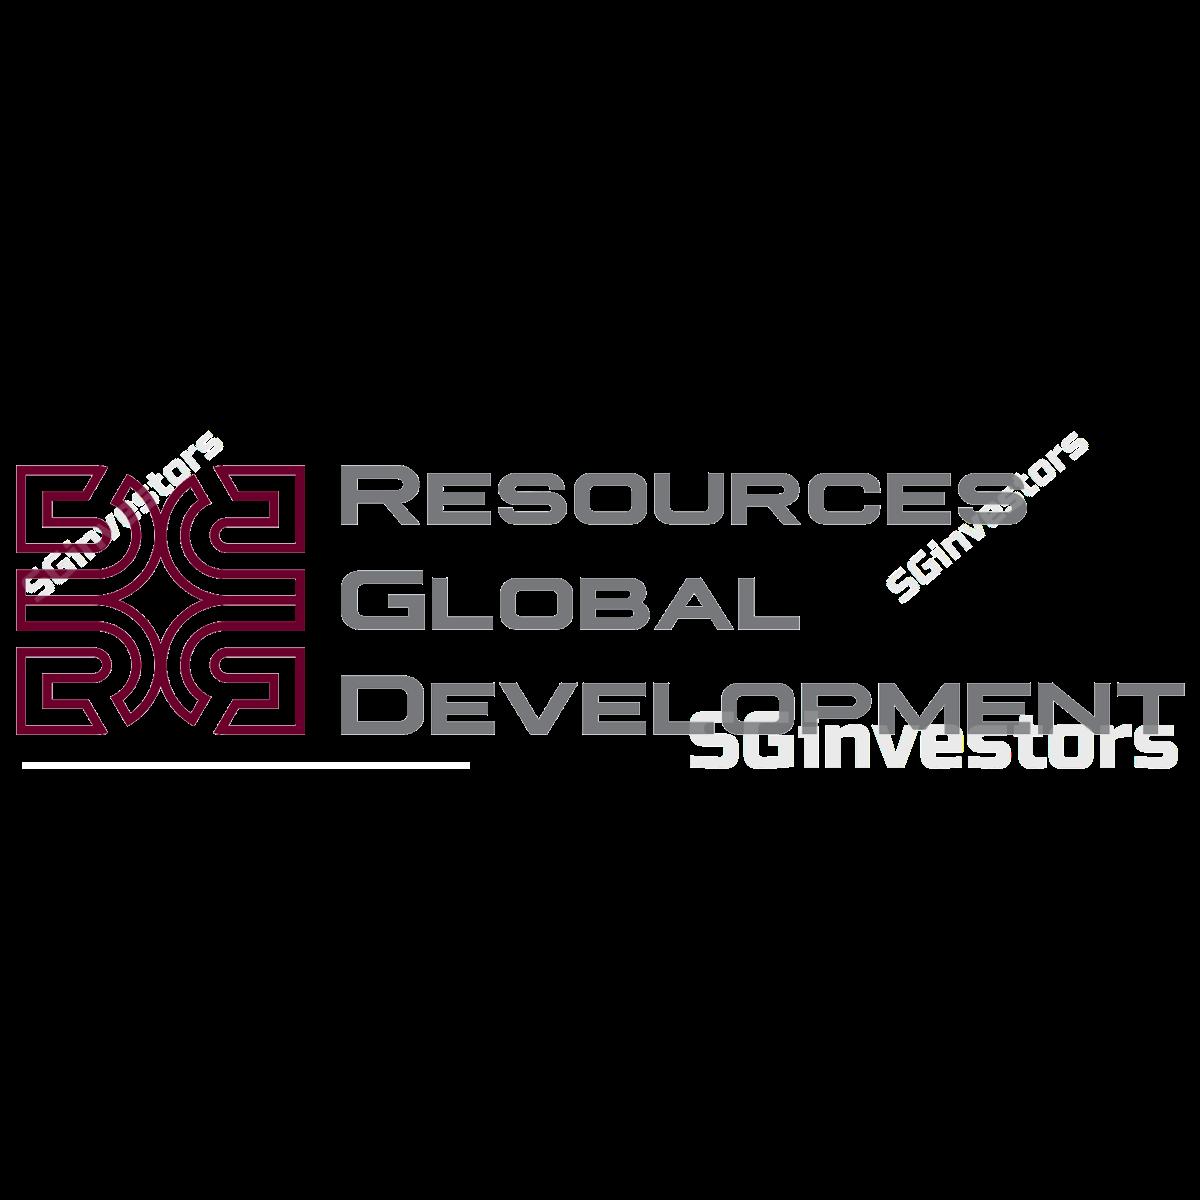 RESOURCES GLOBAL DEVT LIMITED (SGX:QSD) @ SGinvestors.io